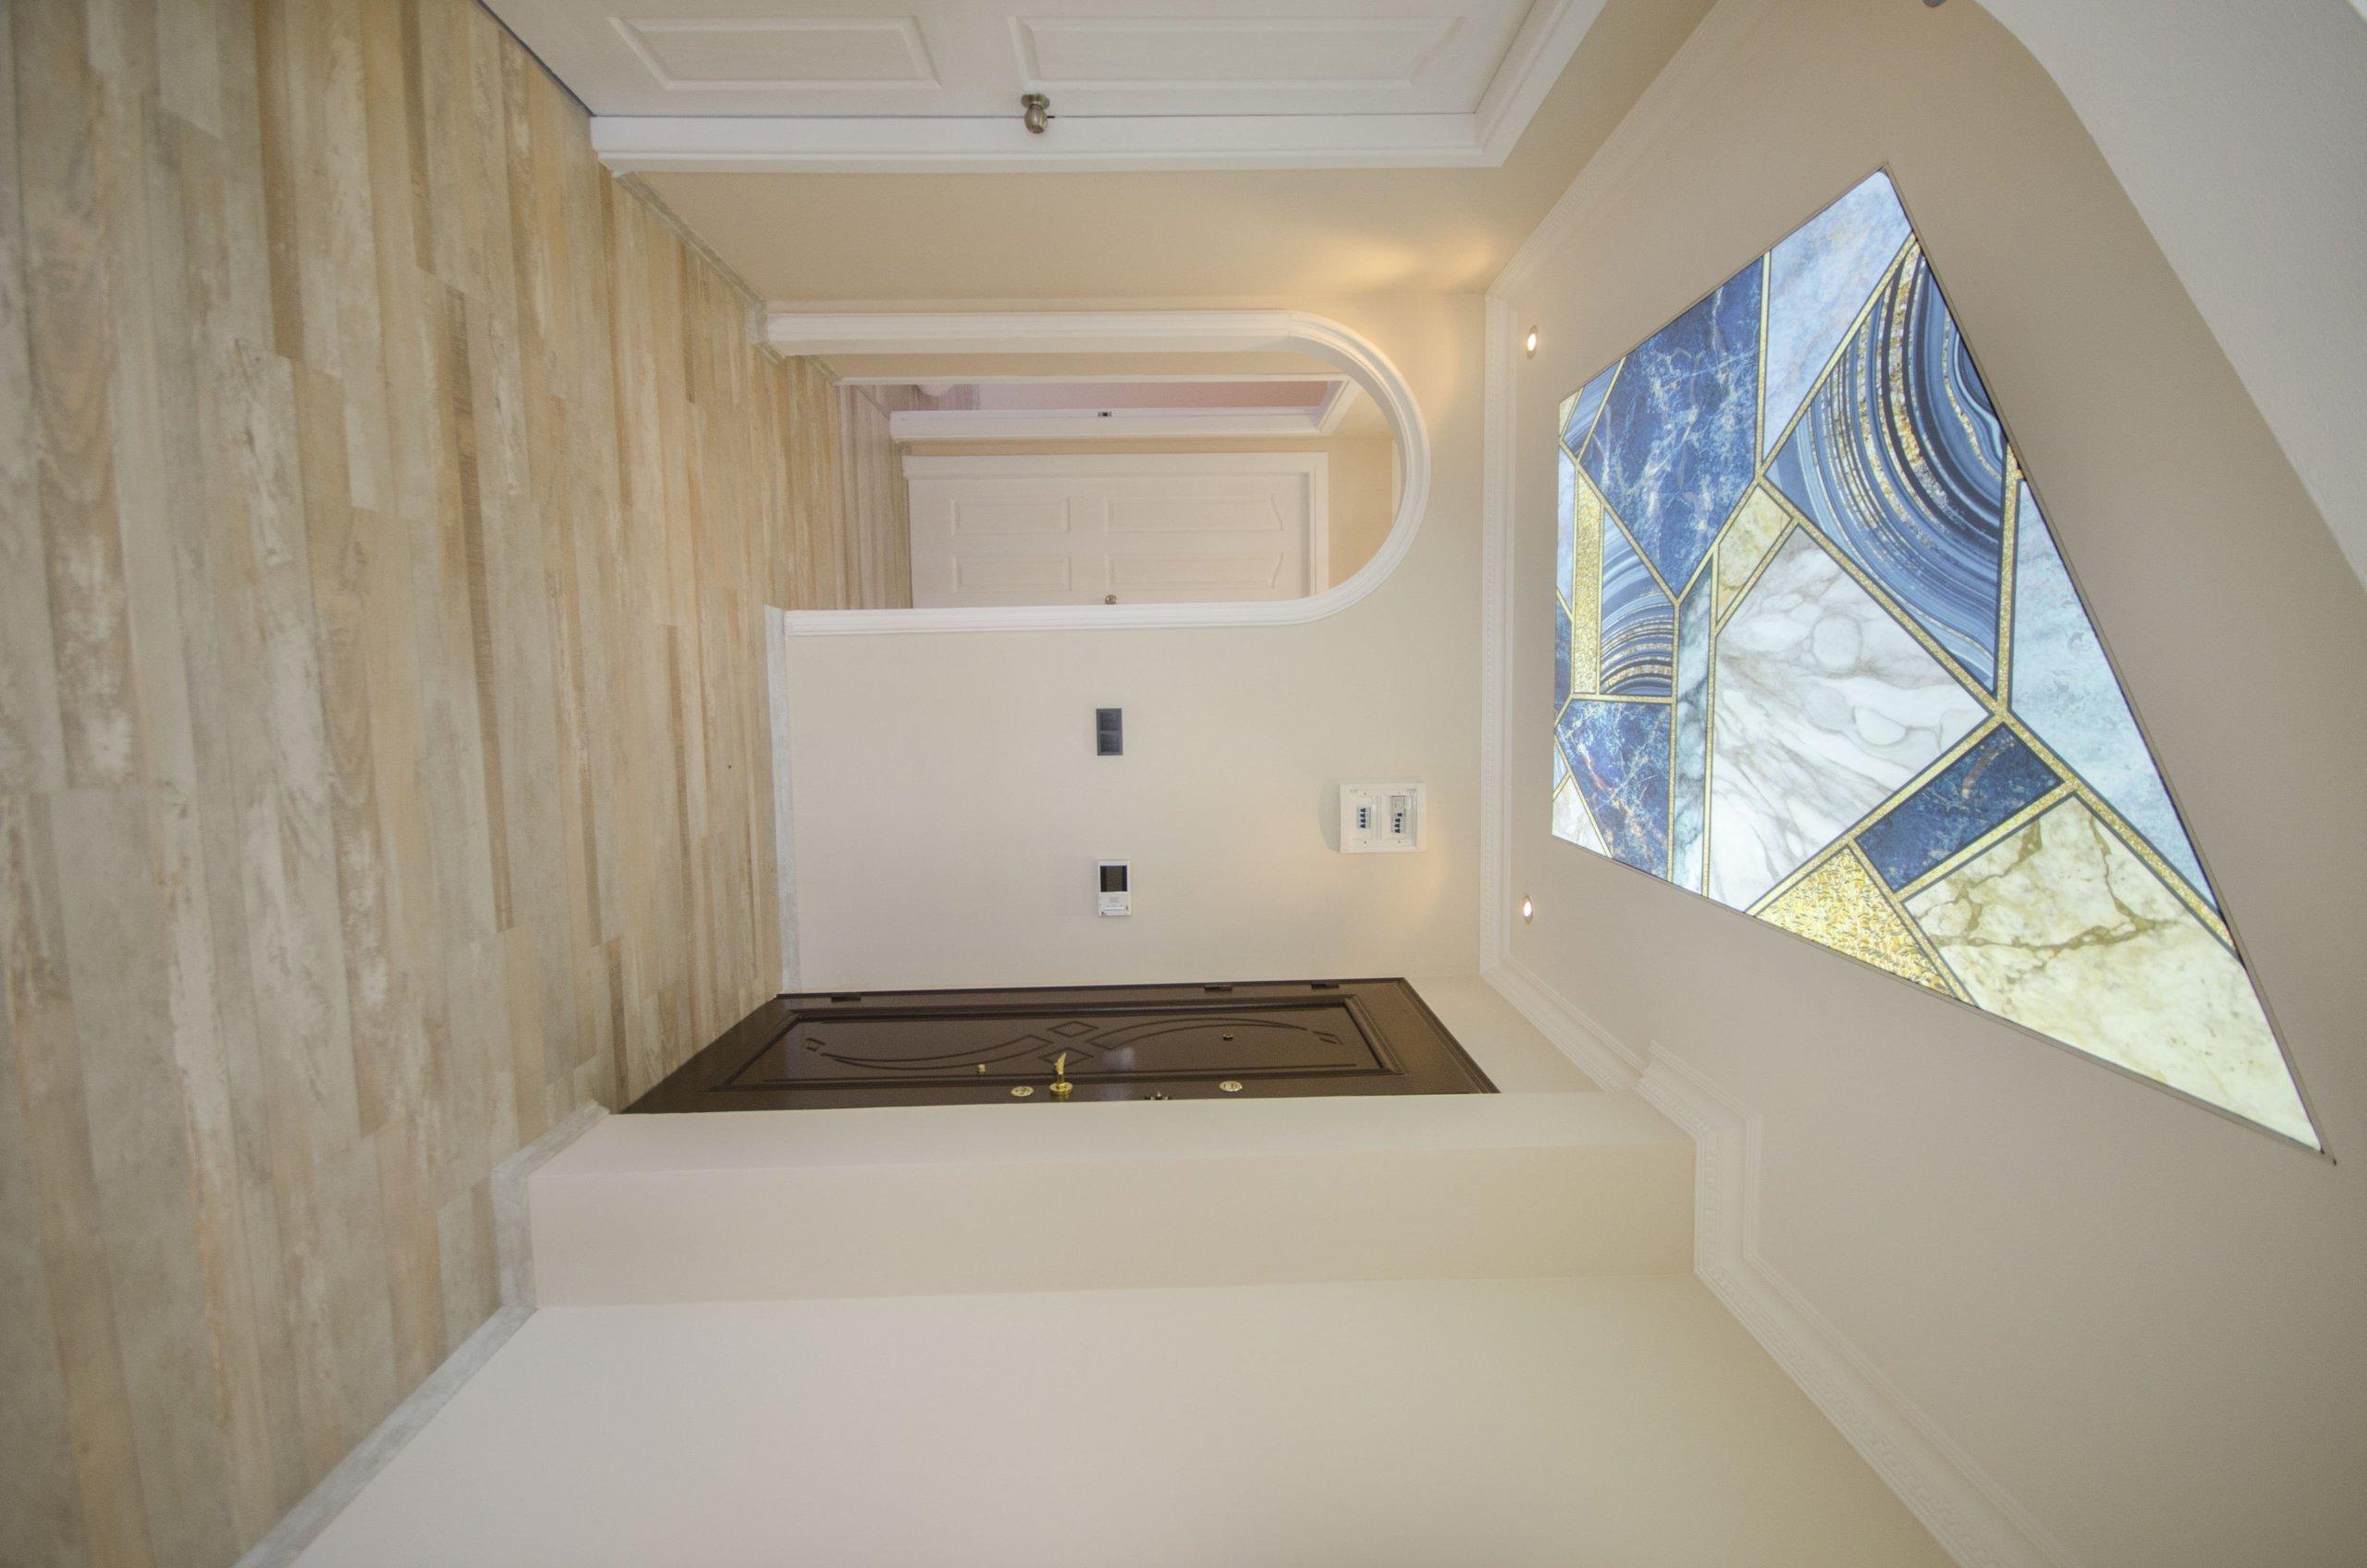 2+1 Светлая квартира на 3 этаже в доме с бассейном